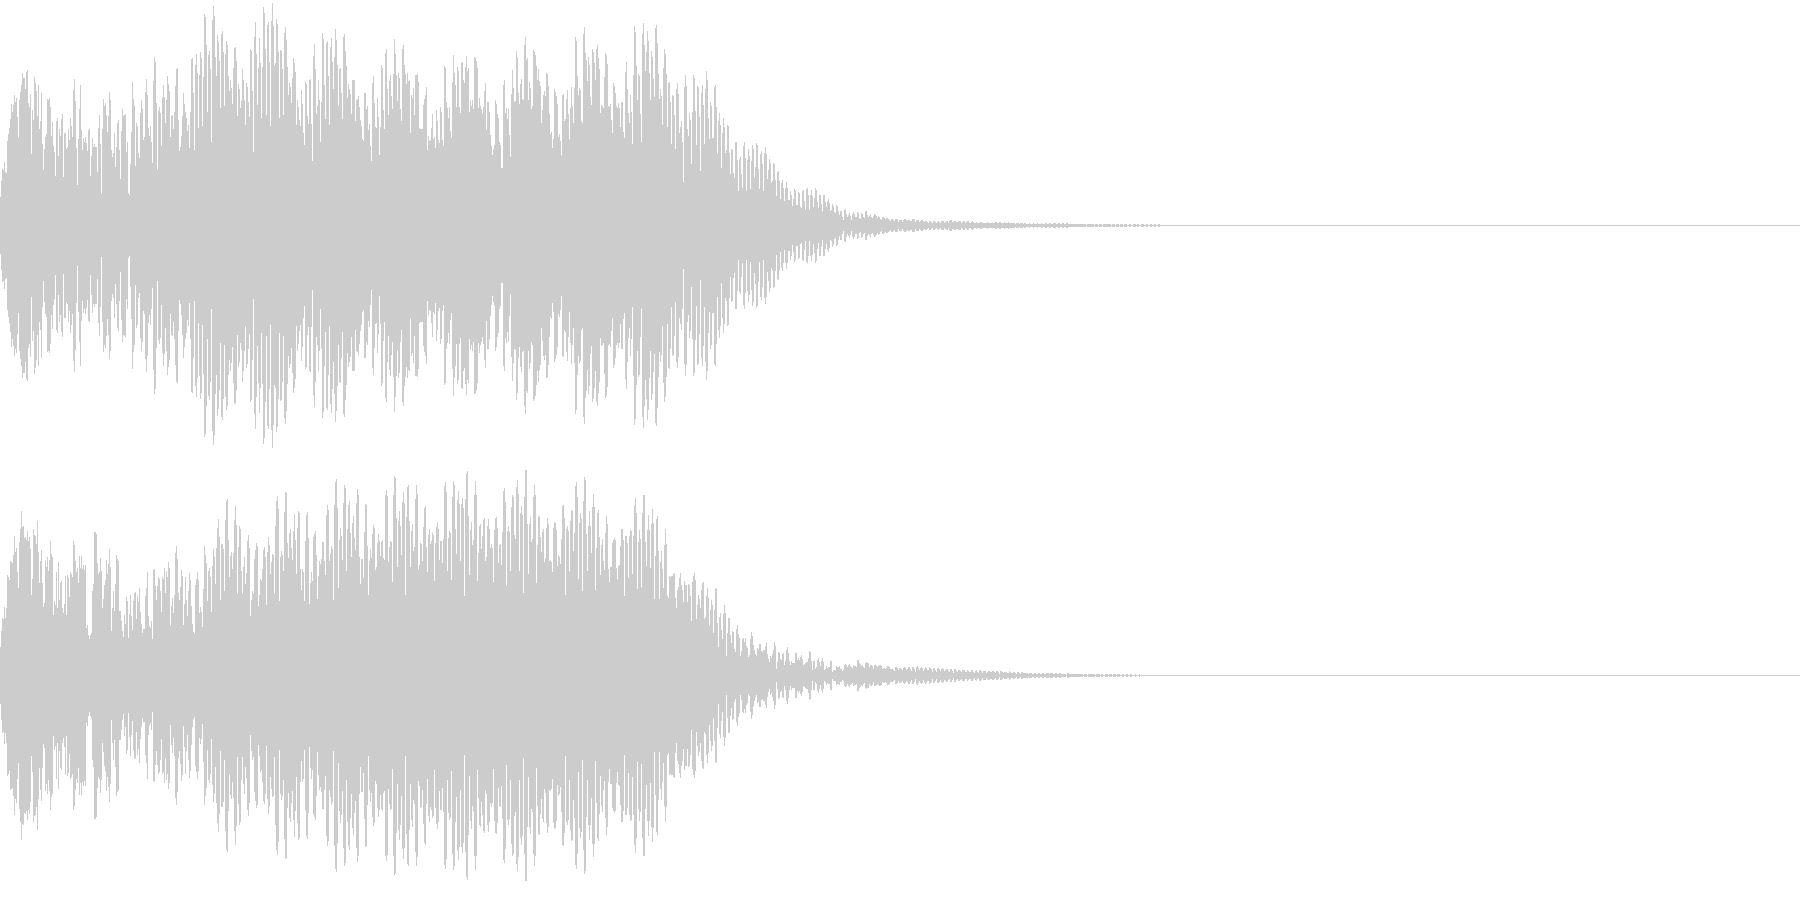 キュイン 光 ピカーン フラッシュ 14の未再生の波形